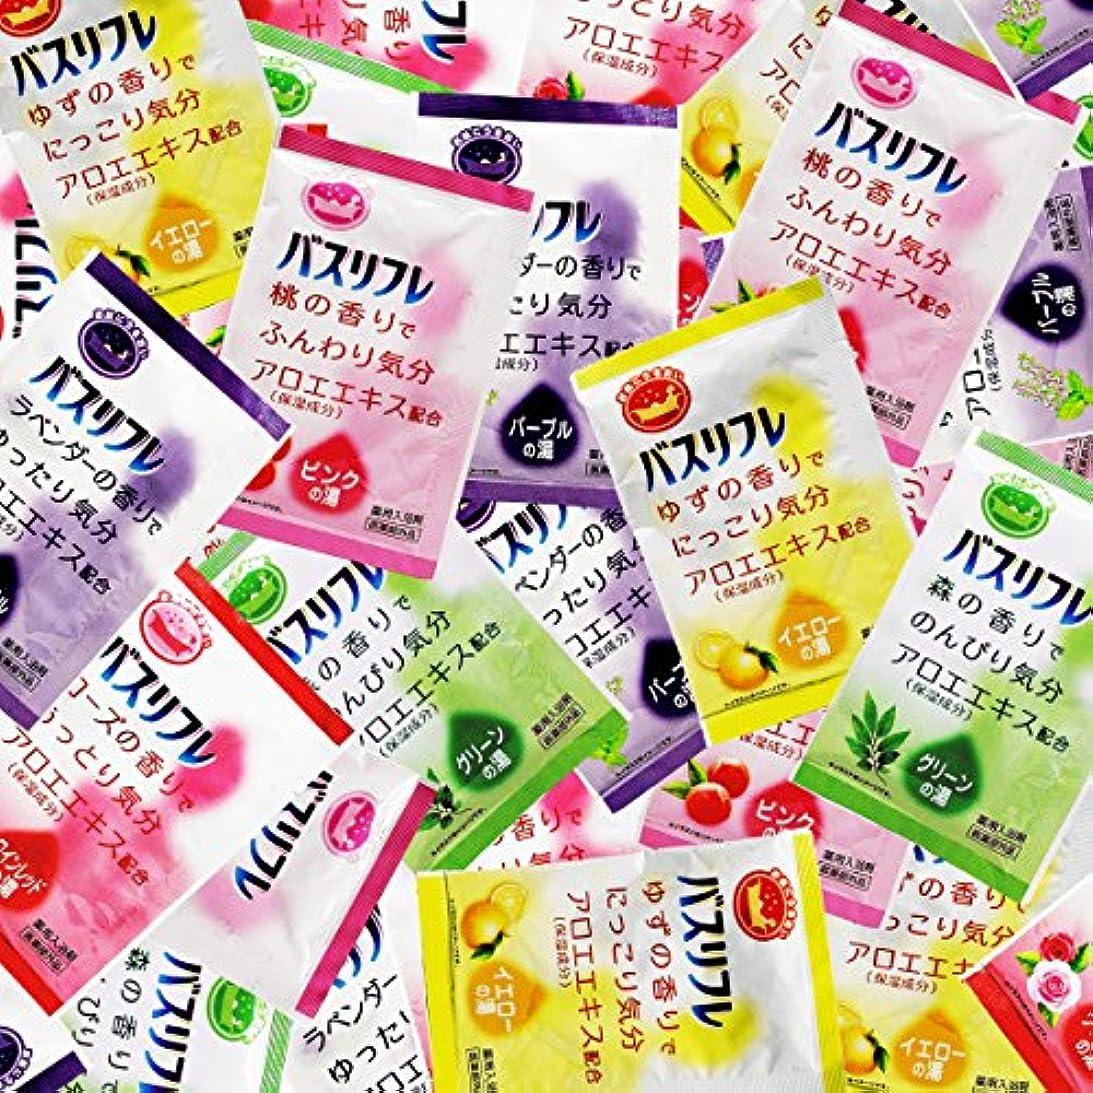 恥ずかしさパウダー承認薬用入浴剤 バスリフレ 5種類の香り アソート 120袋セット 入浴剤 詰め合わせ 人気 アロマ 福袋 医薬部外品